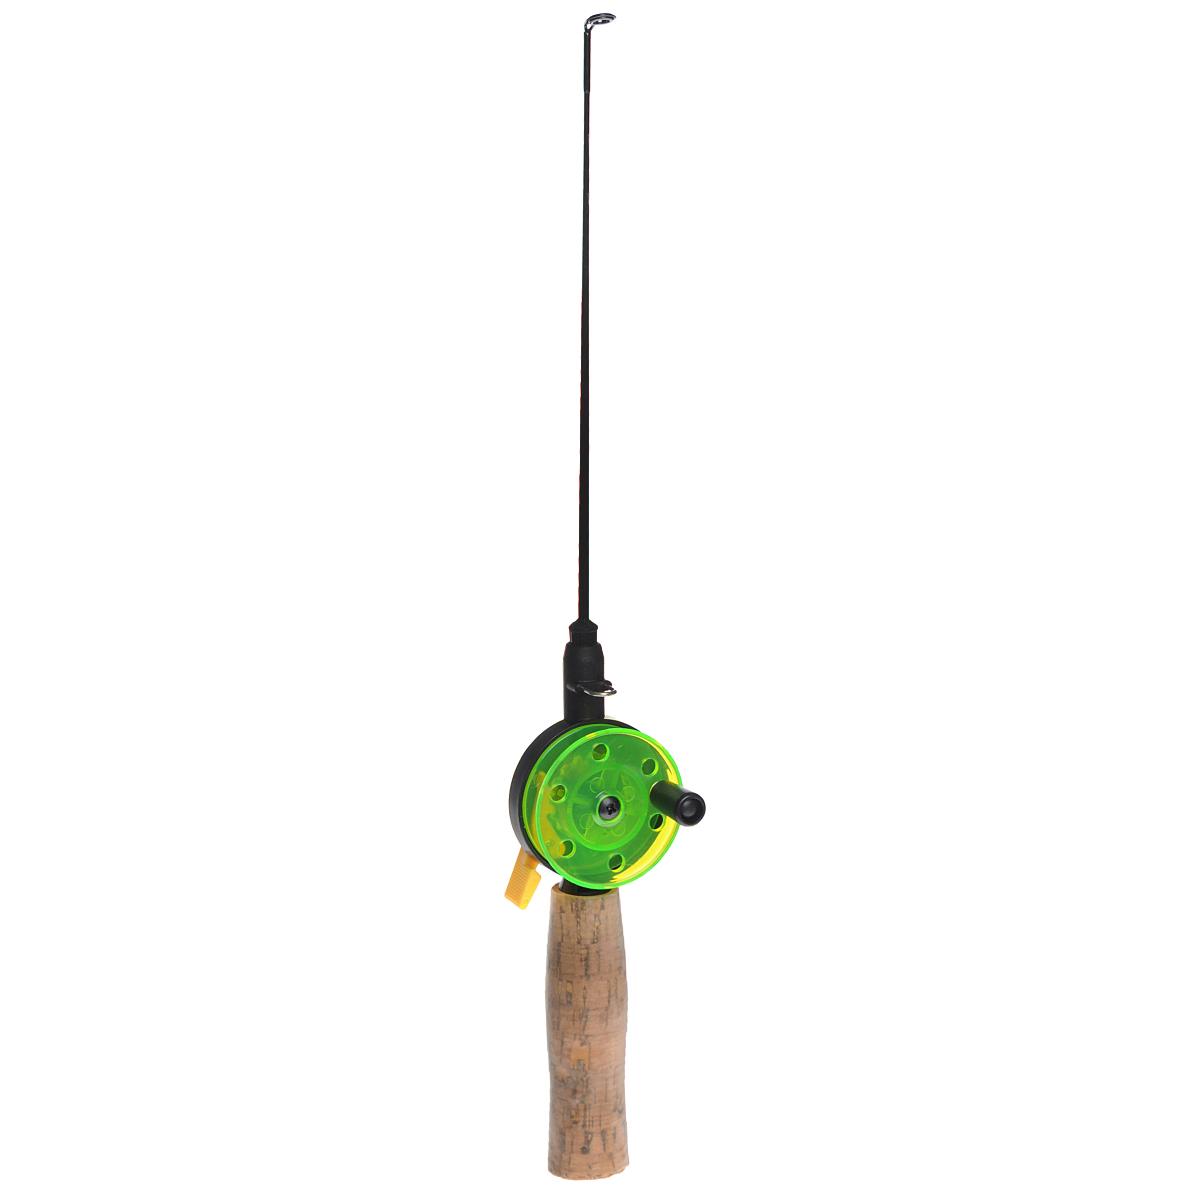 Удочка зимняя SWD HR106A, цвет: черный, зеленый, 37 см28383Зимняя удочка SWD HR106A с открытой катушкой диаметром 54 мм и клавишным стопором. Пластиковый хлыст длиной 21 см укомплектован тюльпаном. Ручка длиной 100 мм выполнена из пробки.